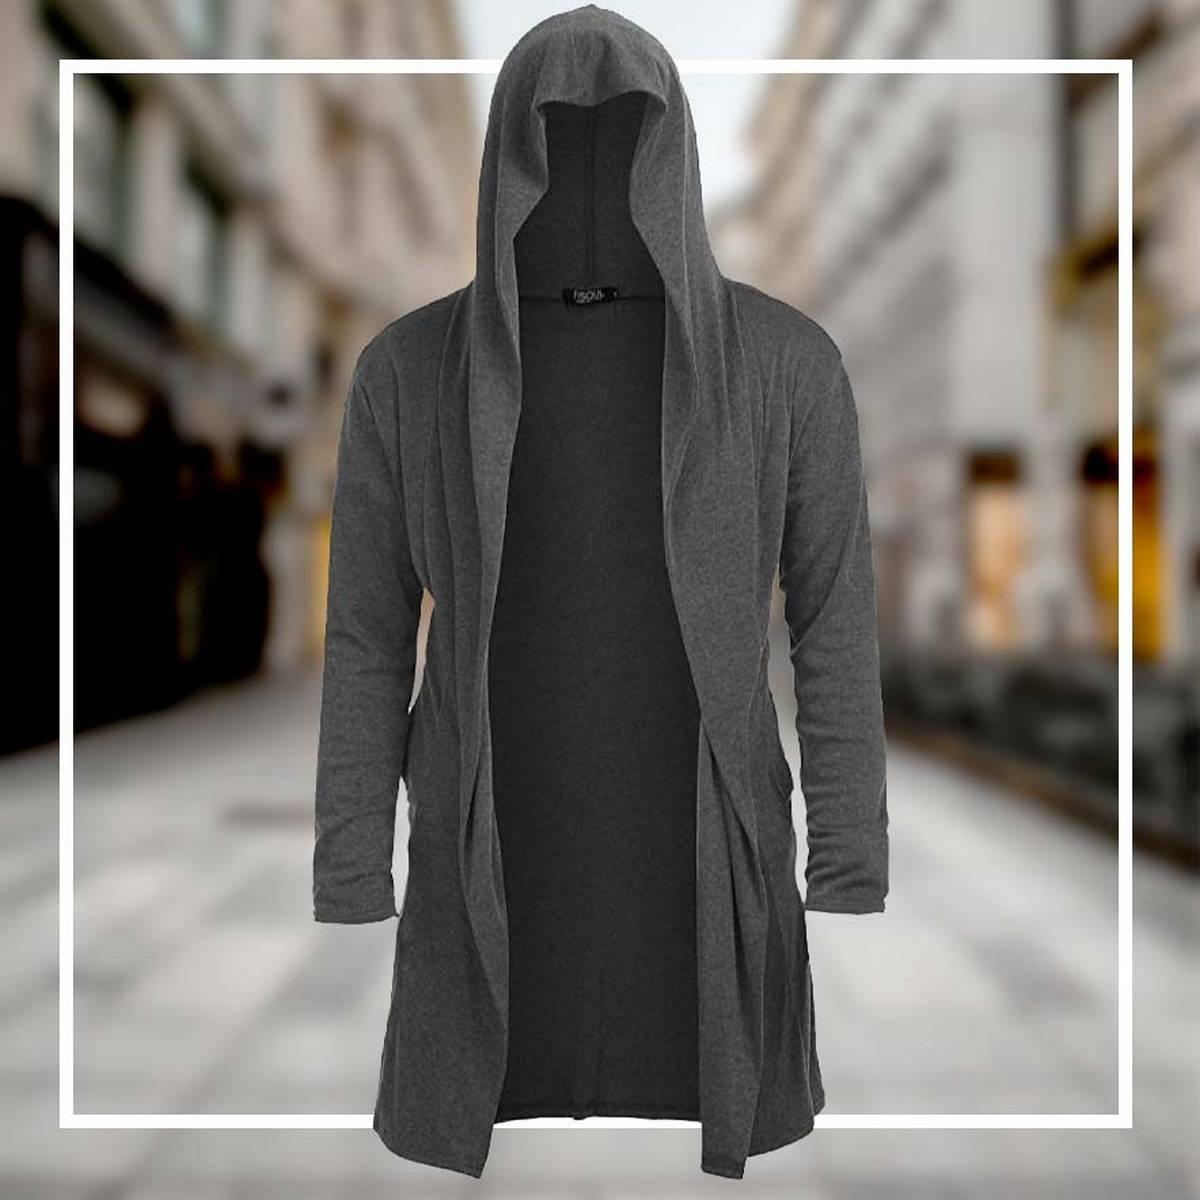 Prenda Hooded Cardigan For Men